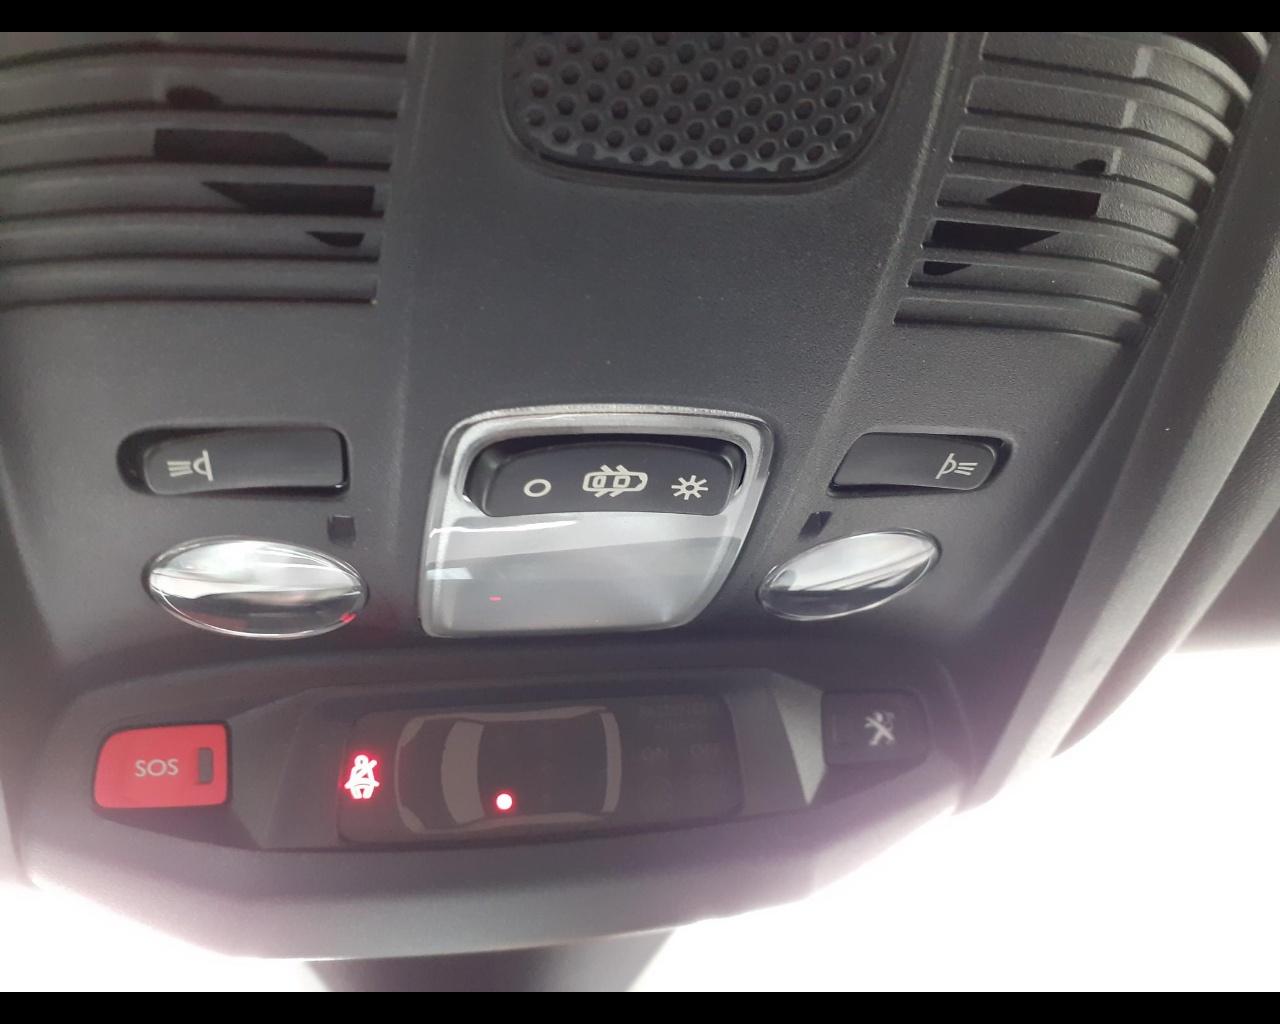 PEUGEOT 3008 1.5 bluehdi GT Line s&s 130CV